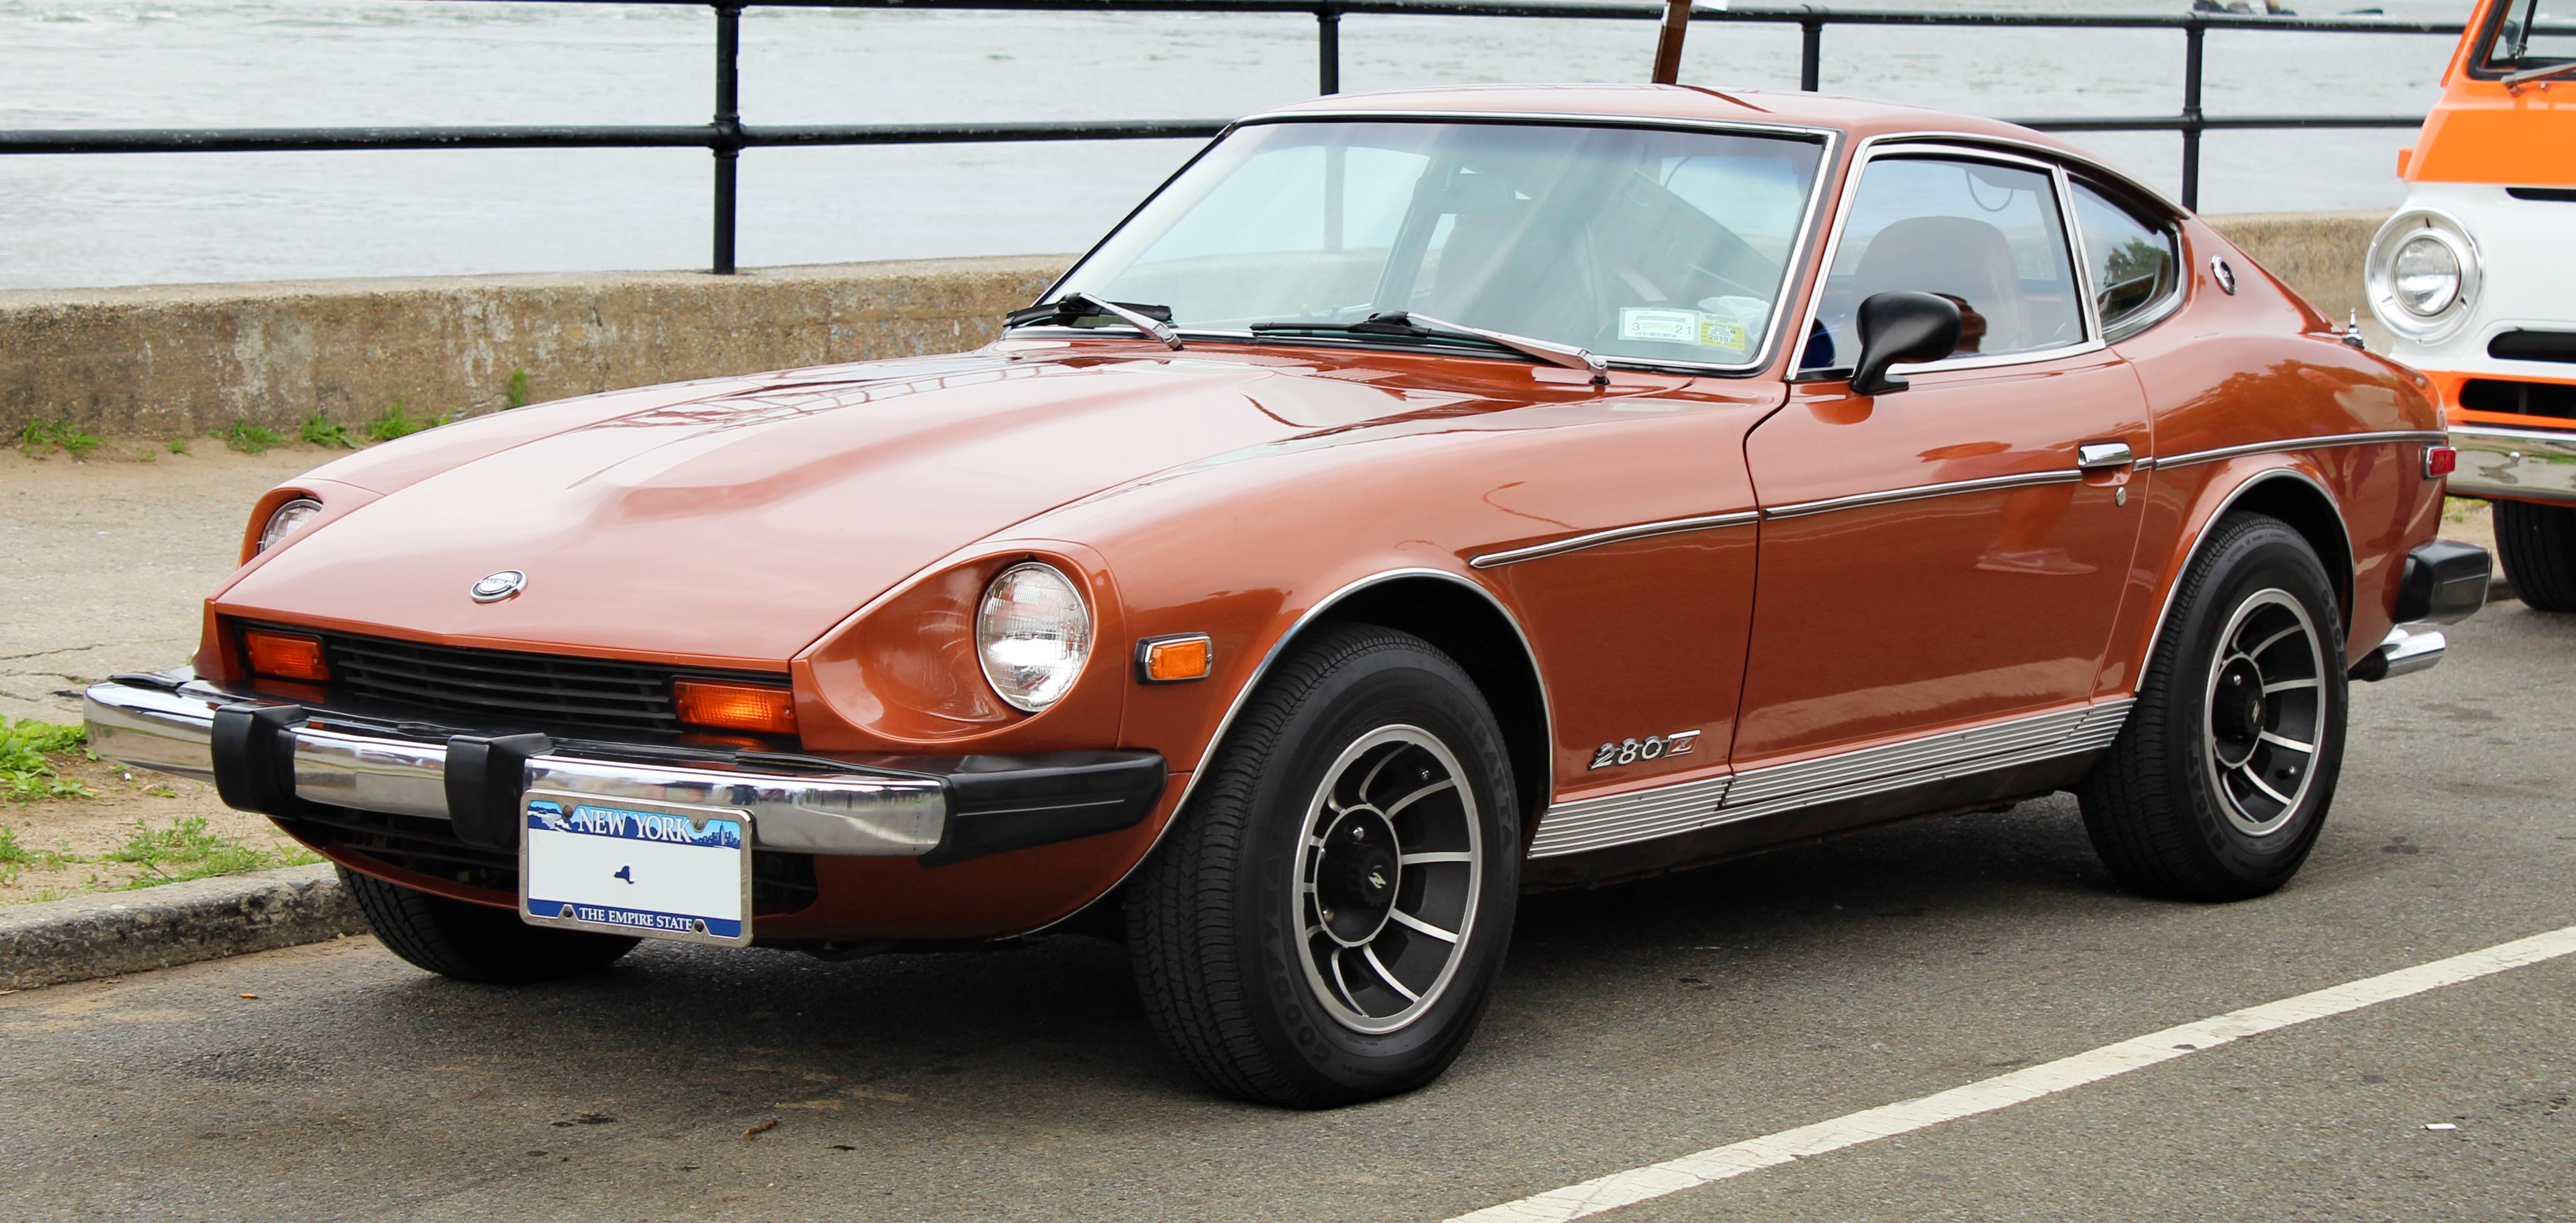 Nissan Z car Wikipedia